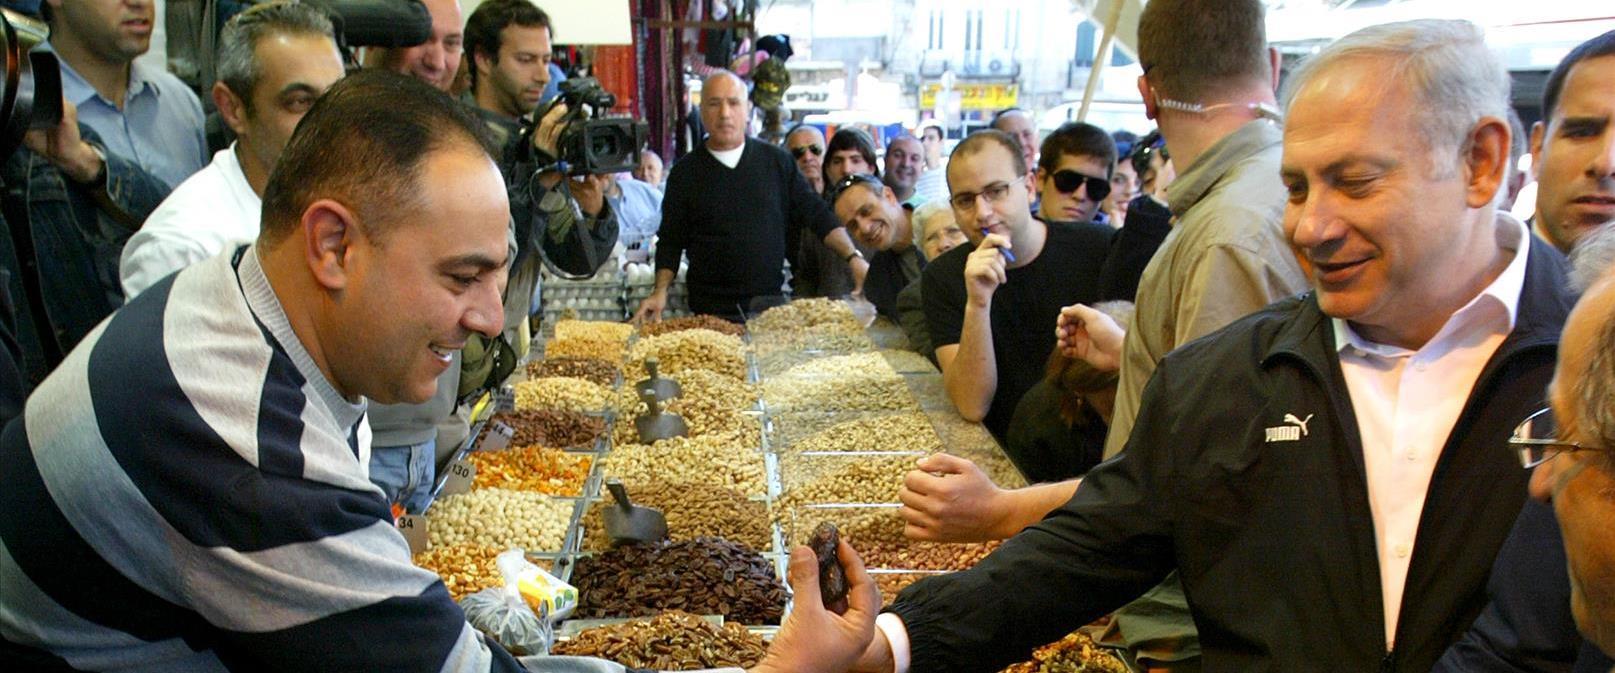 נתניהו בביקור בשוק מחנה יהודה, ב-2009